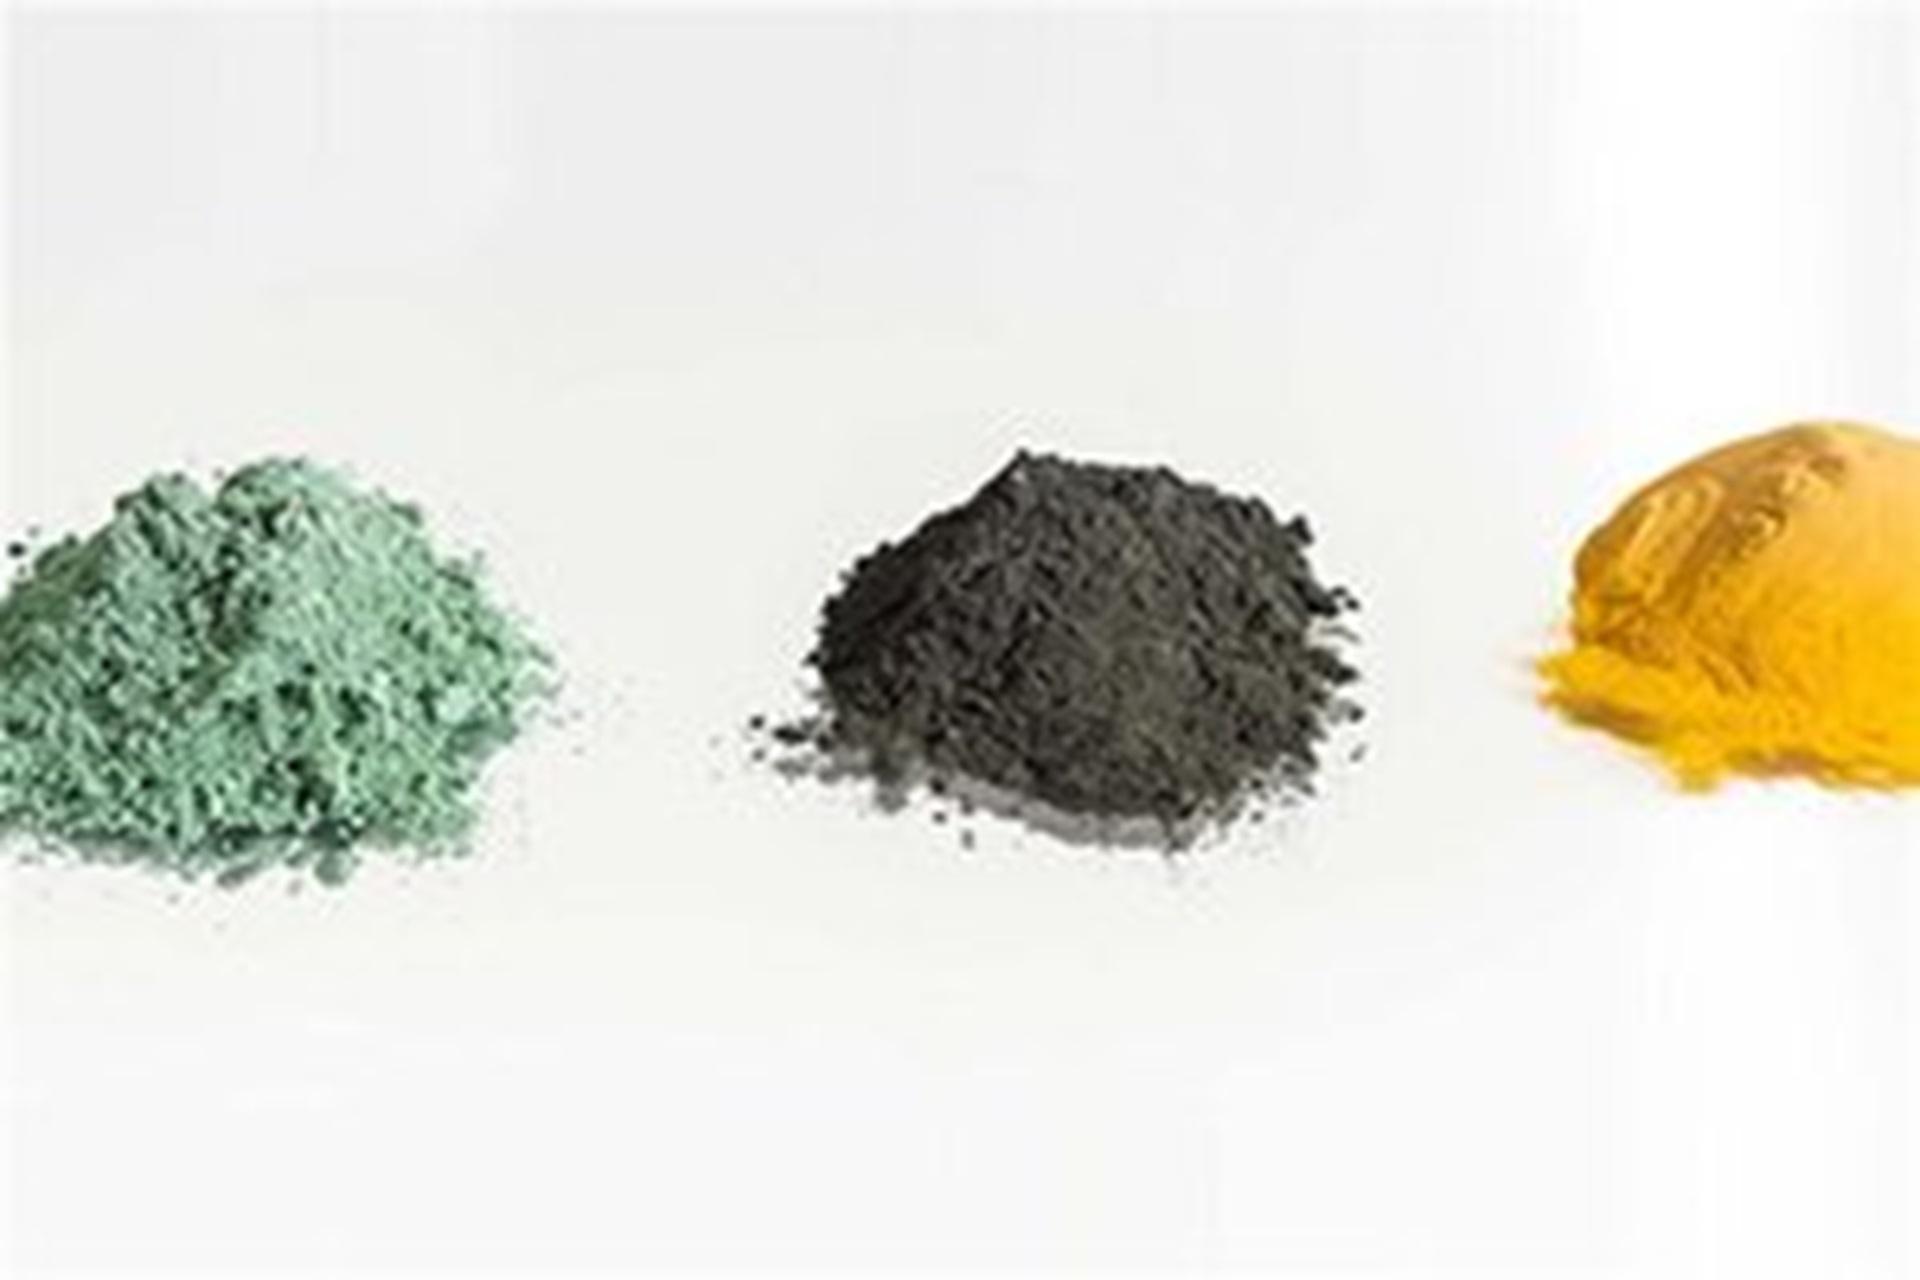 Ore samples: Uranium tetrafluoride (UF4), Yellow cake (calcined and natural)